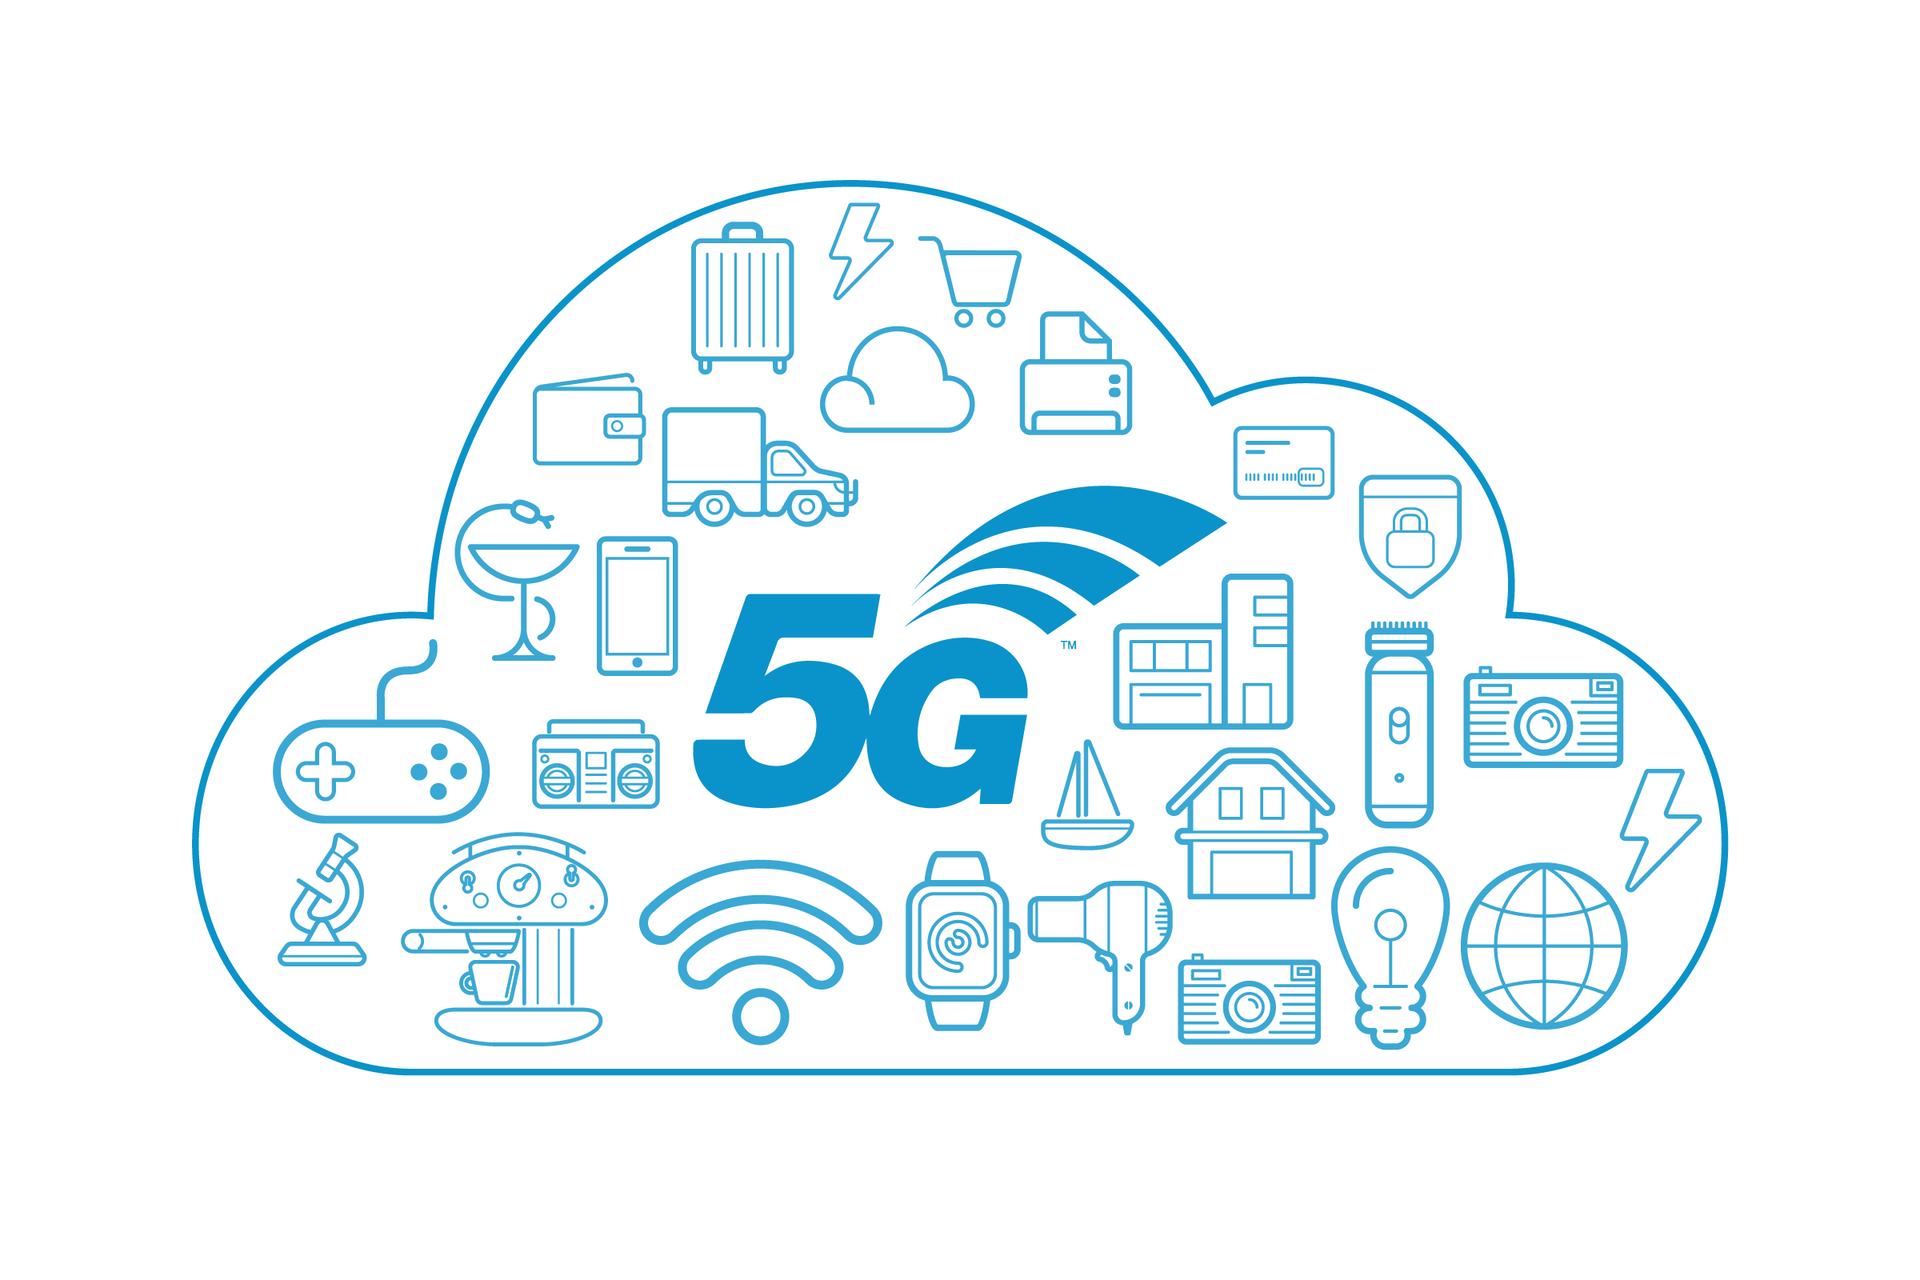 Интернет вещей и 5G - 1